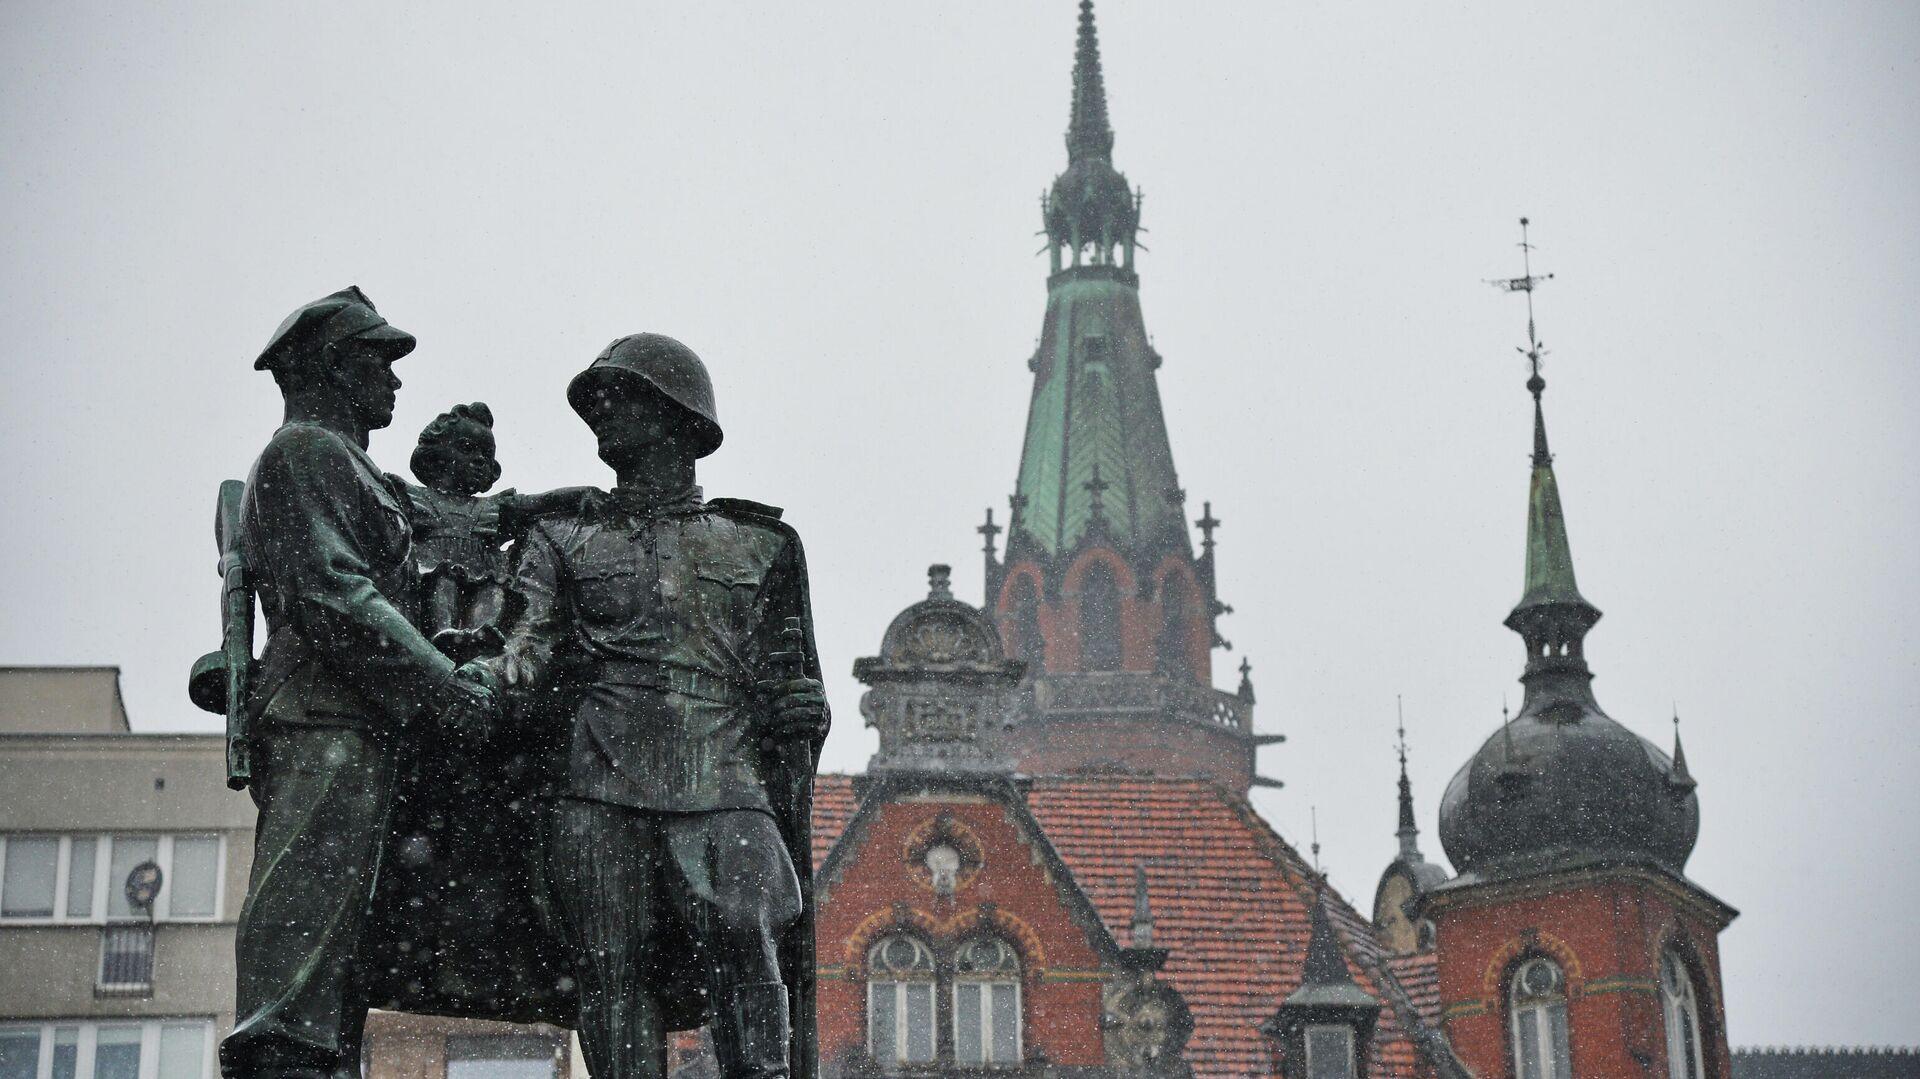 Памятник советско-польскому братству по оружию в центре города Легница - РИА Новости, 1920, 08.05.2021